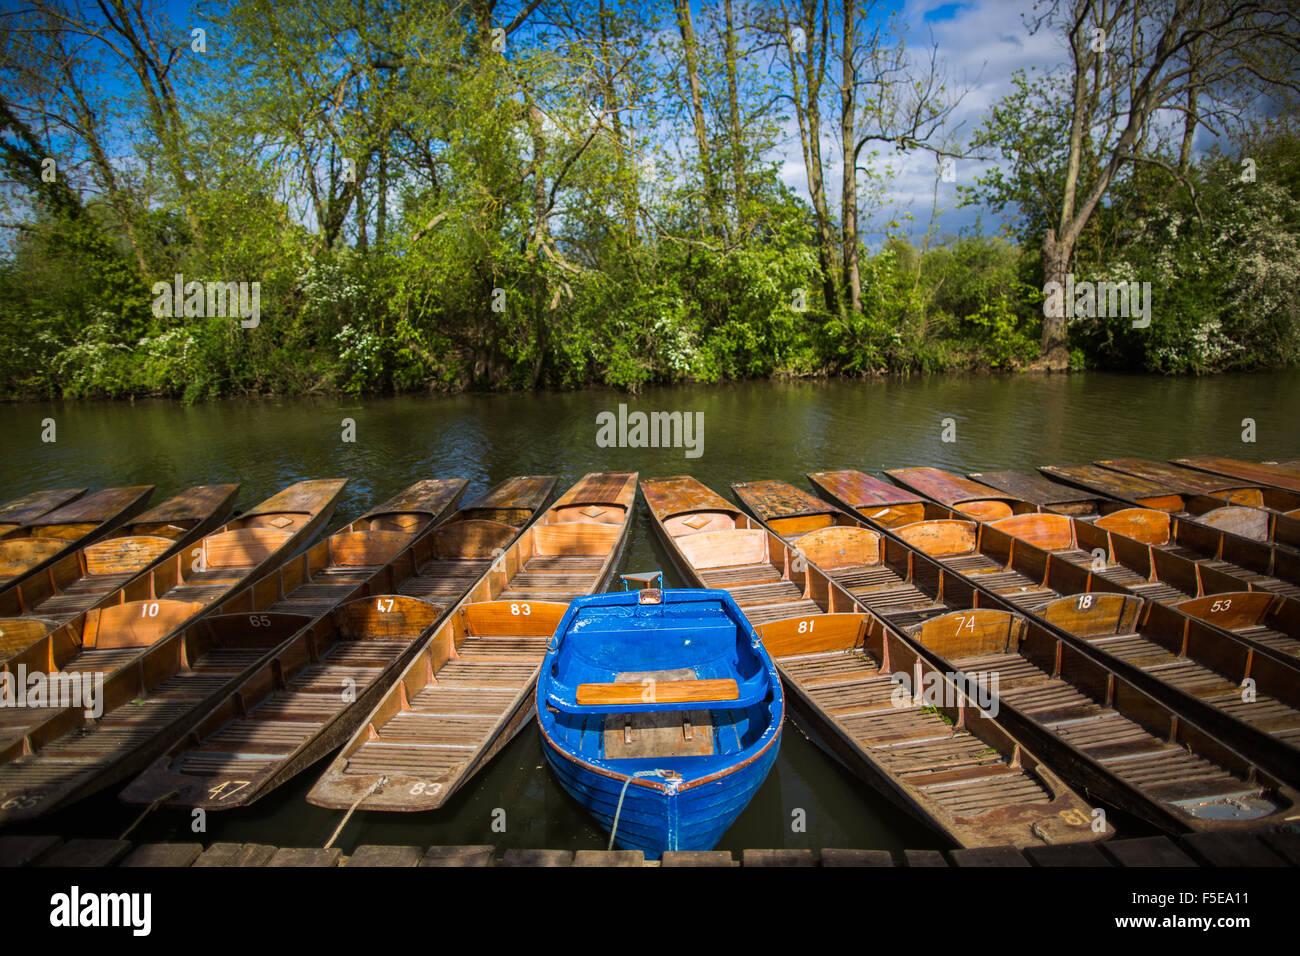 Punting, Cherwell Boathouse, Oxford, Oxfordshire, England, United Kingdom, Europe - Stock Image